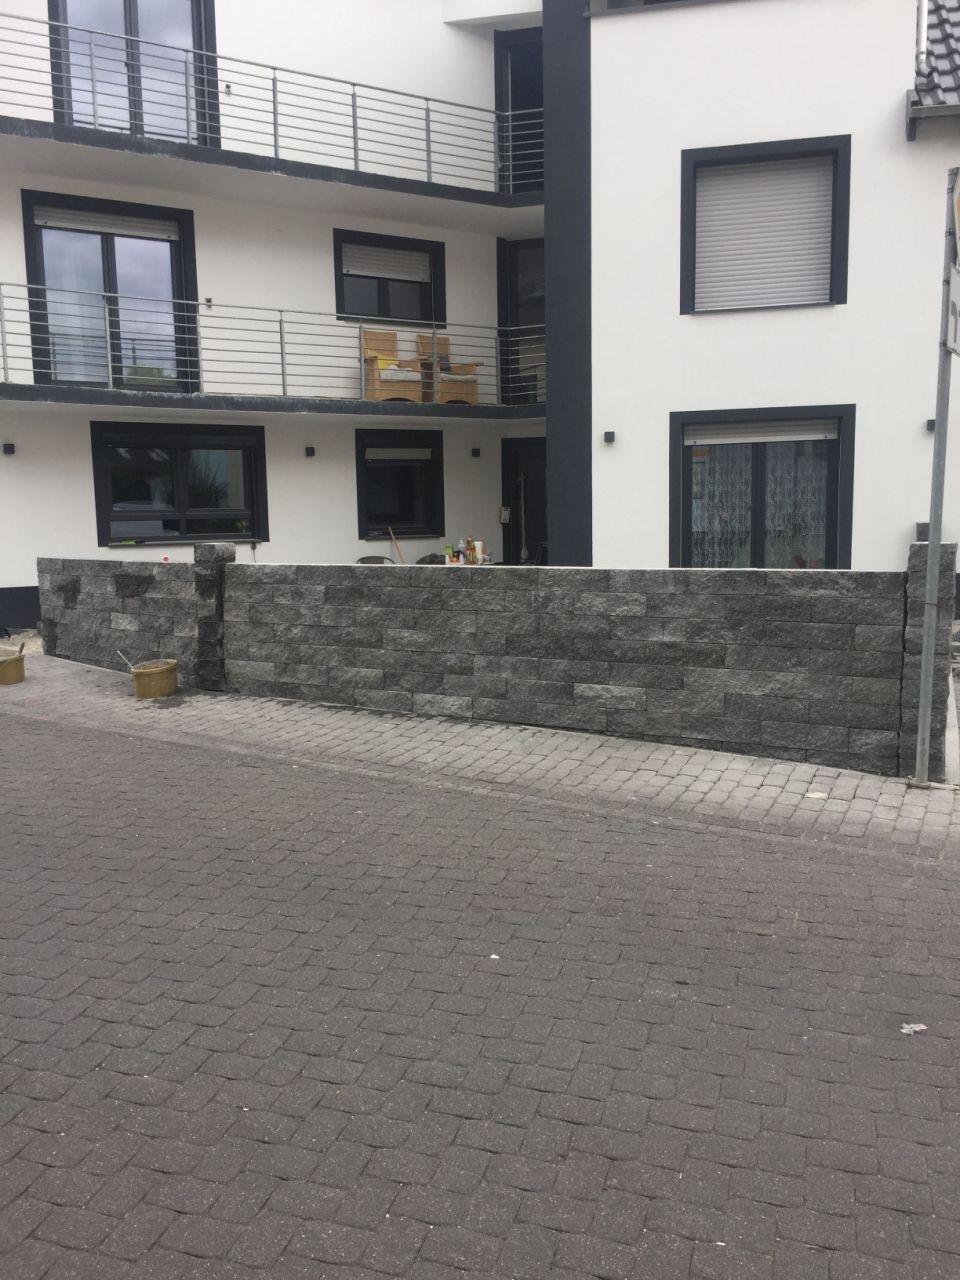 Mauern Palisaden Gabionen | Der Gartenbauspezialist in Limburg